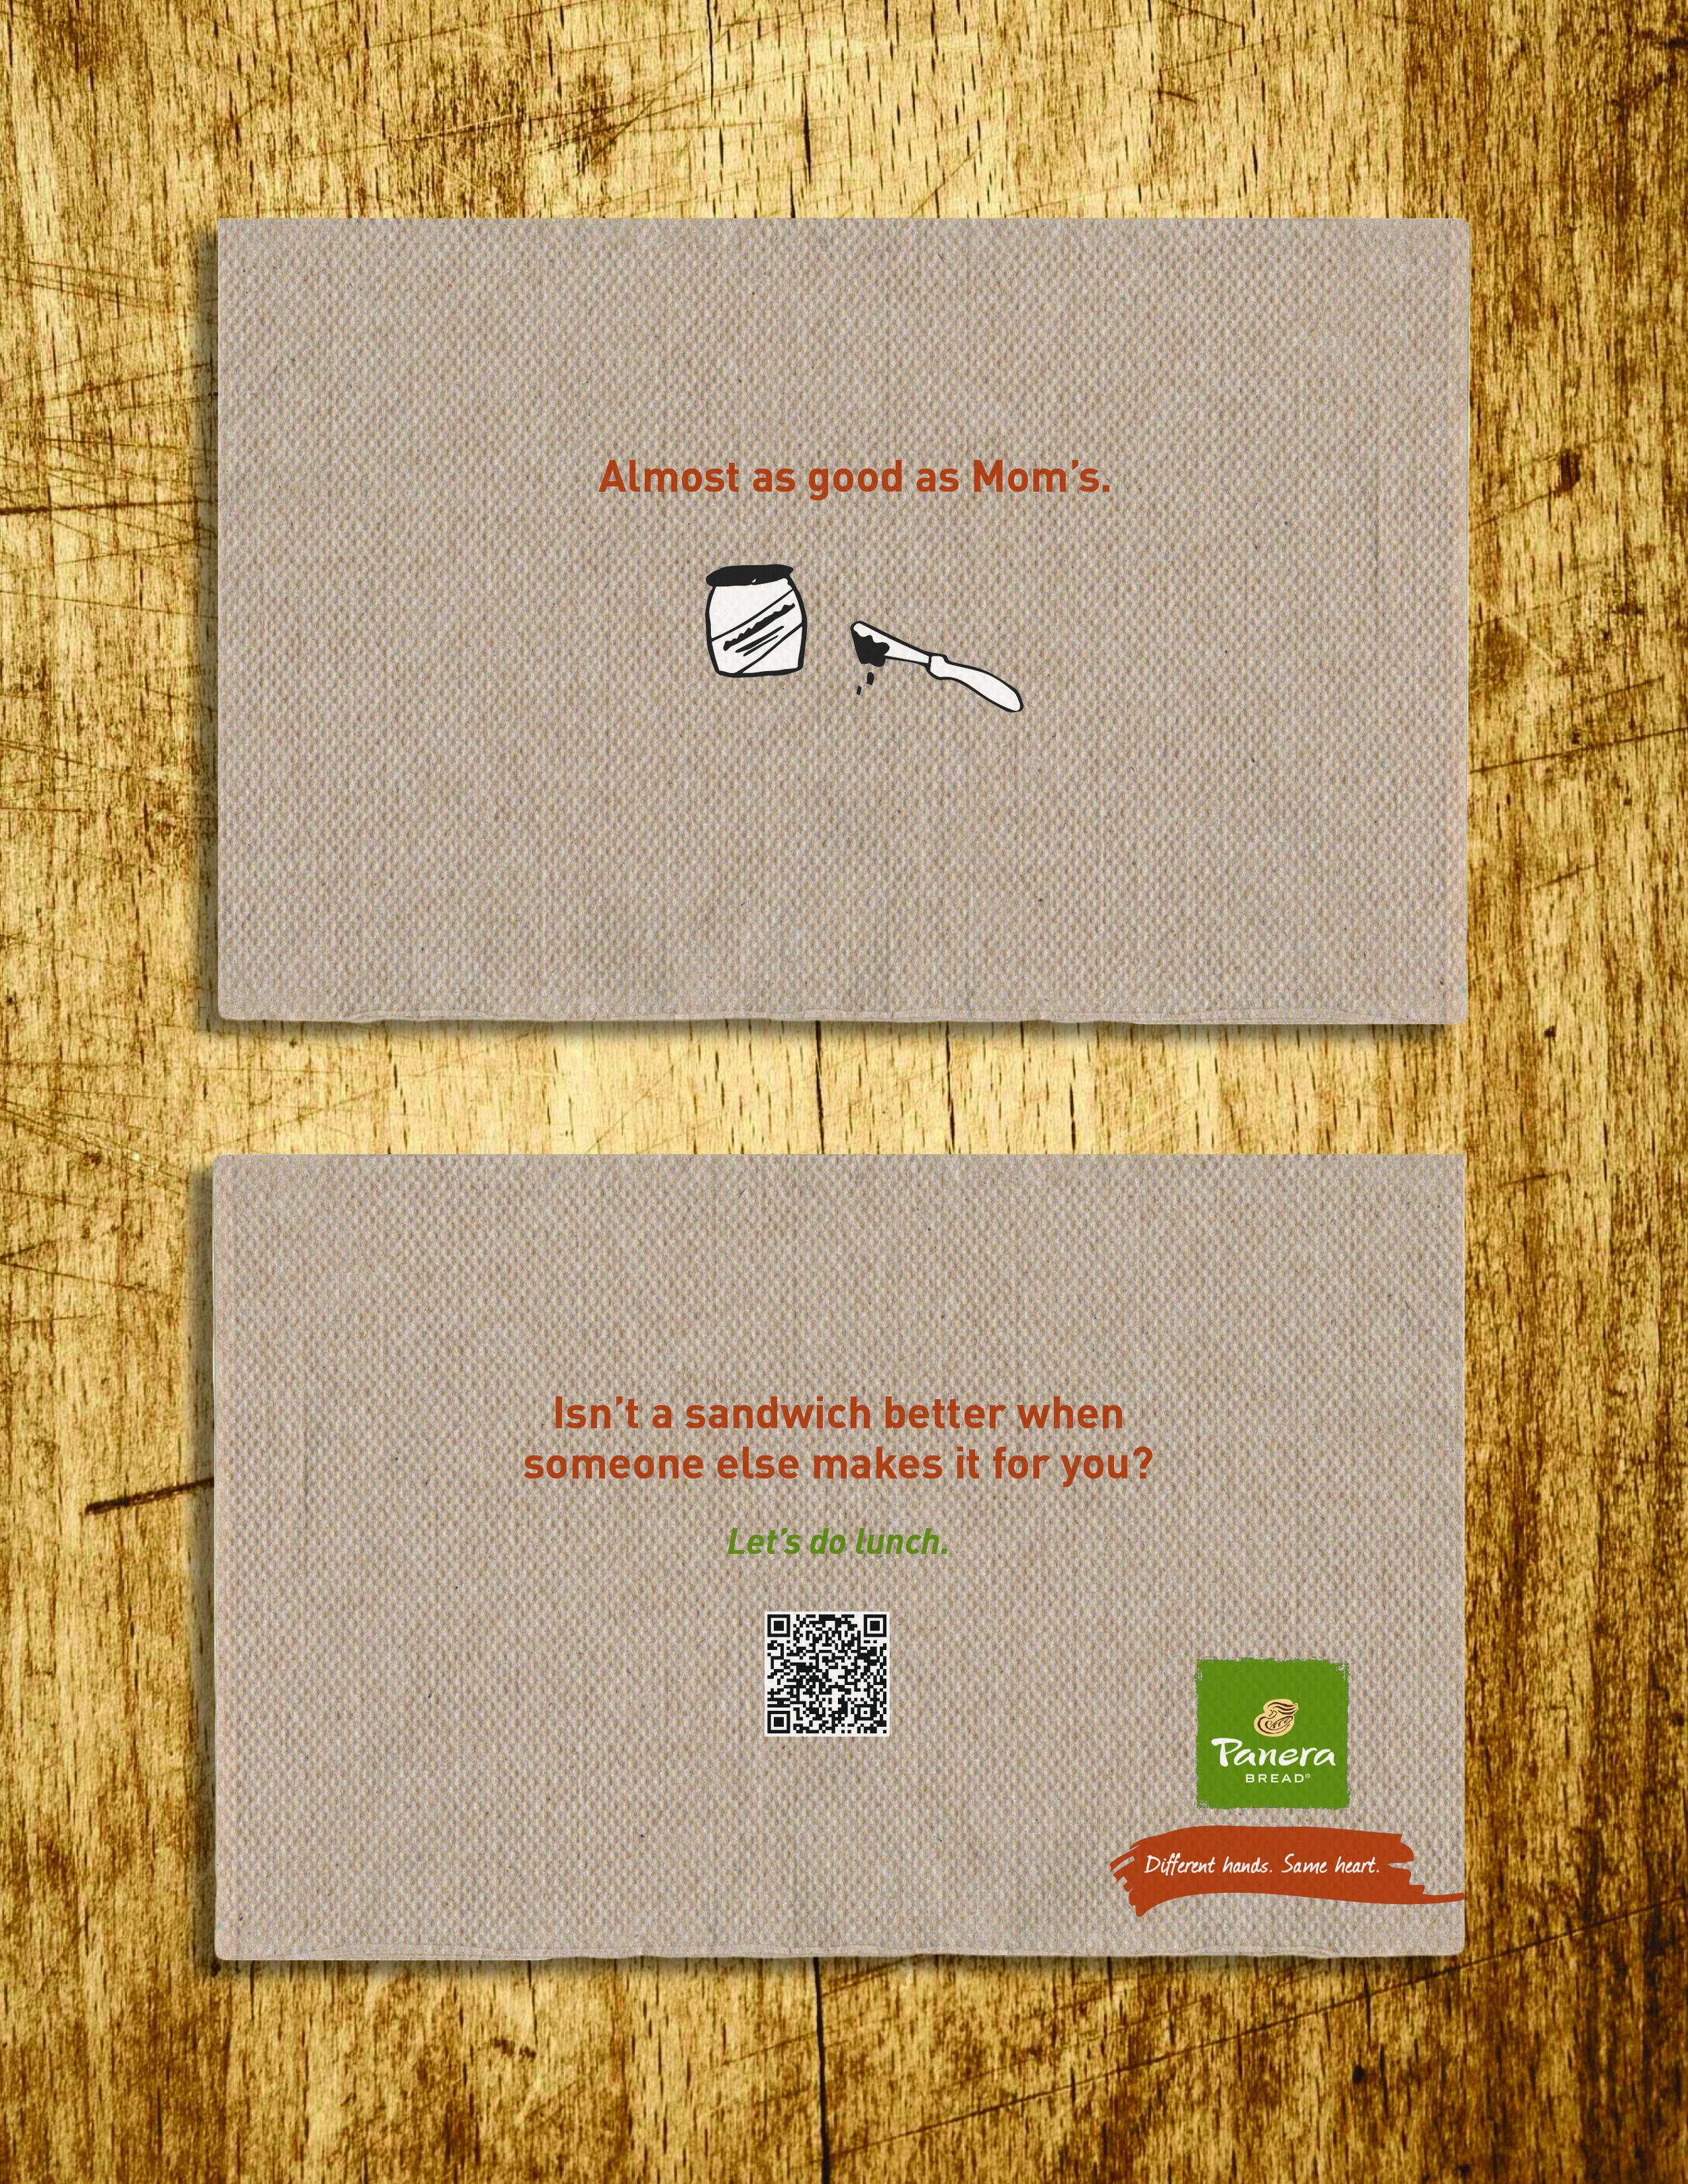 print_ad_napkins_v13.jpg